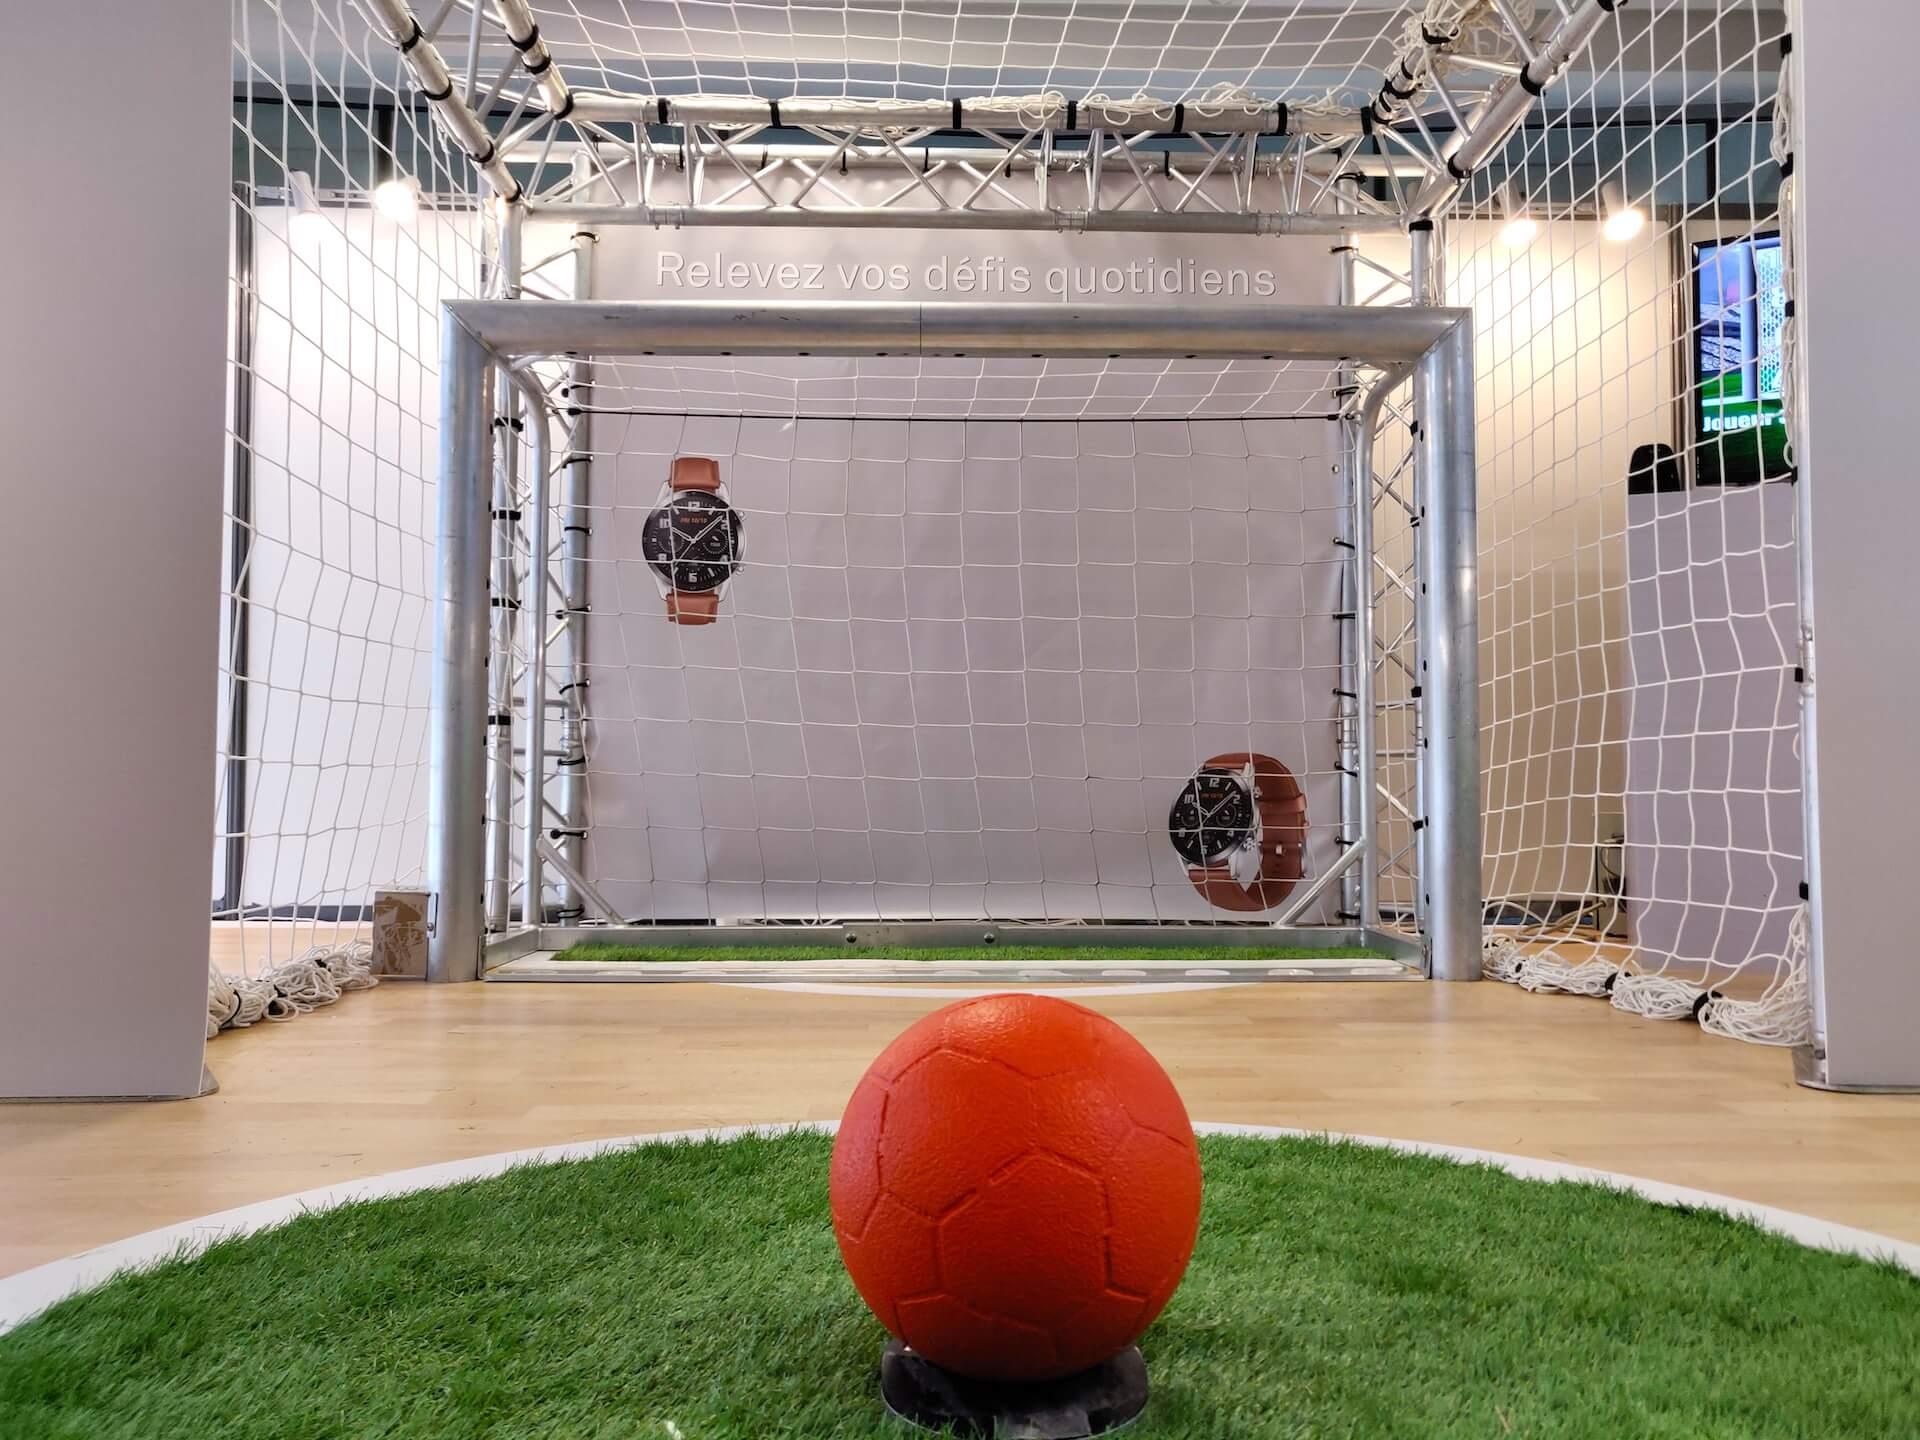 But simulateur ballon foot séminaires entreprises incentive Boulanger Huawei